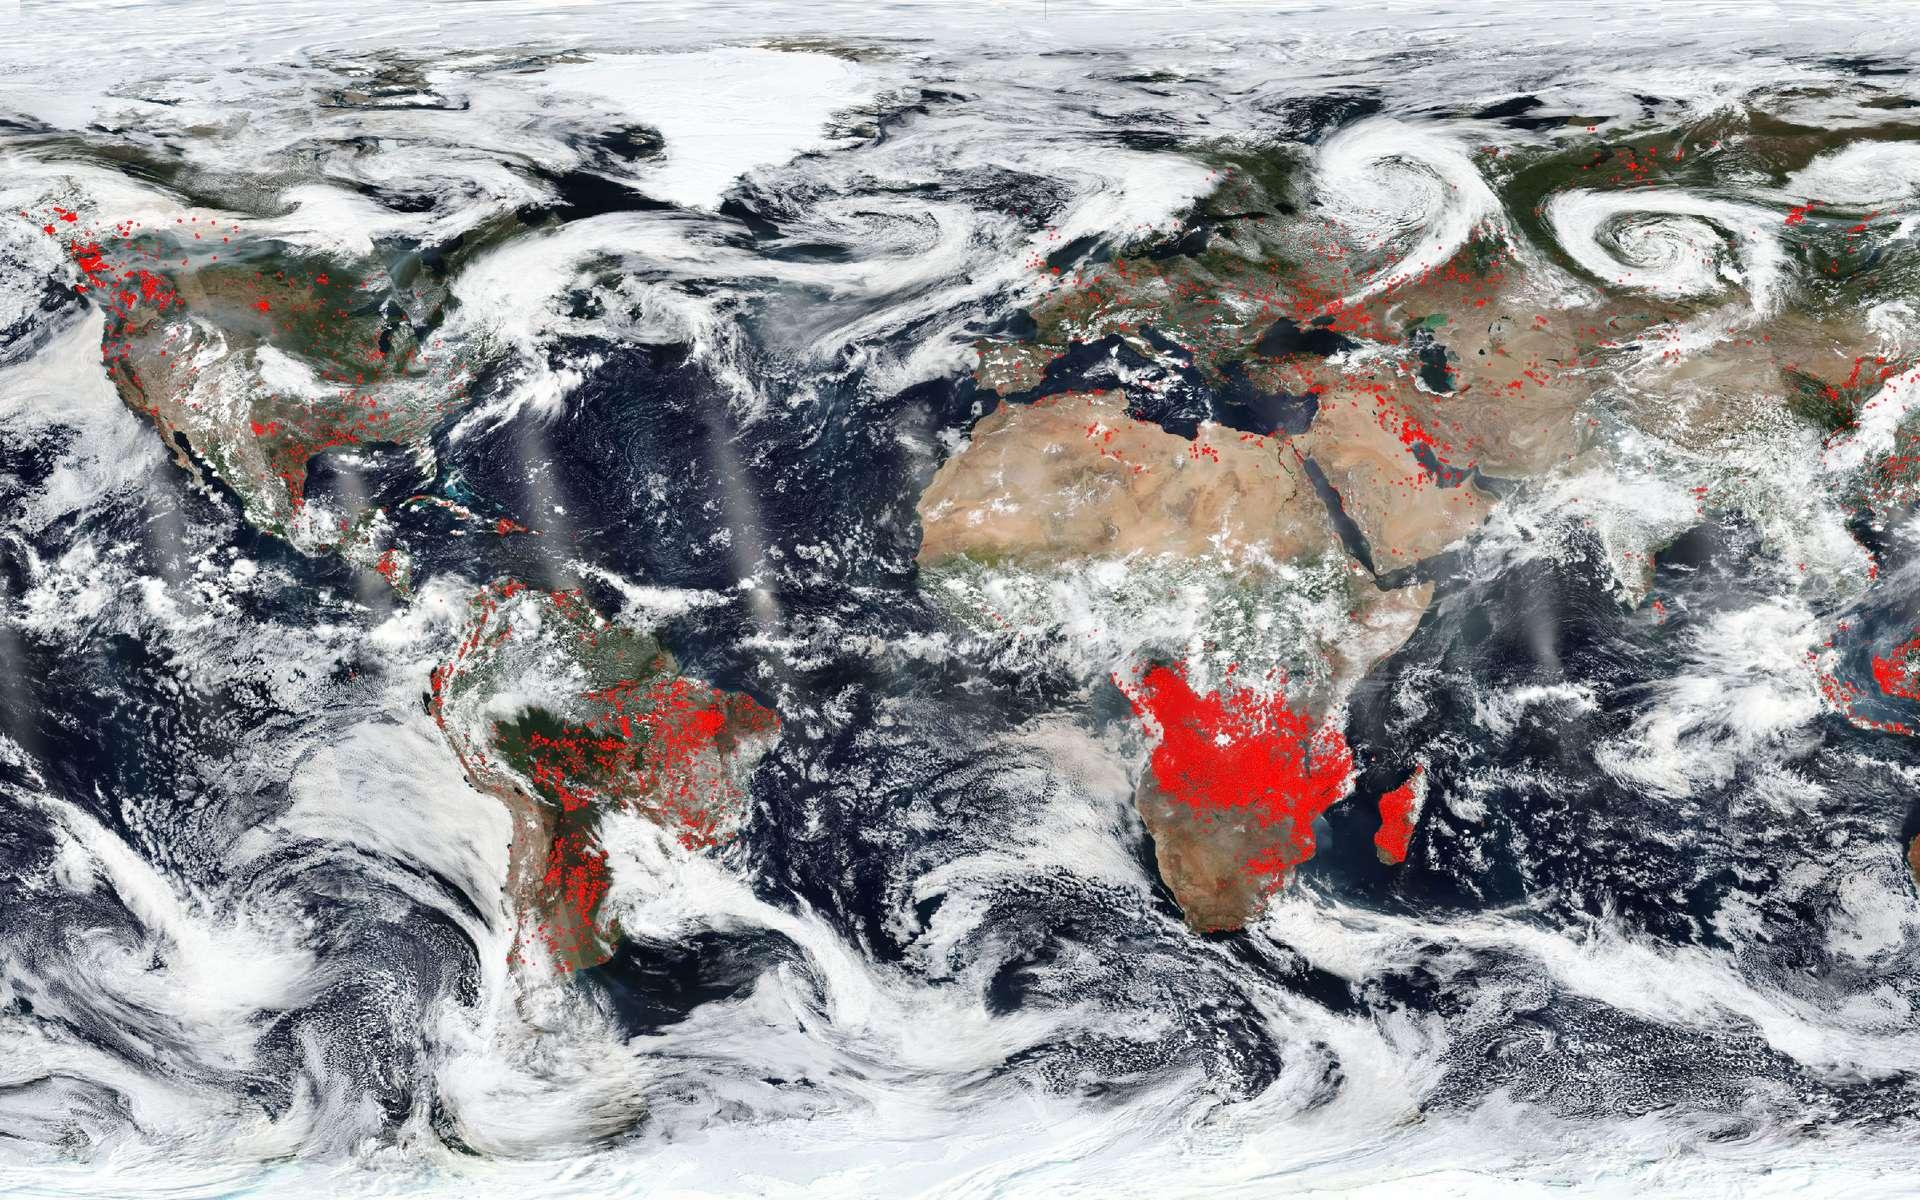 L'Afrique est le continent le plus touché par les incendies, allumés en grande partie volontairement. © Nasa, EOSDIS